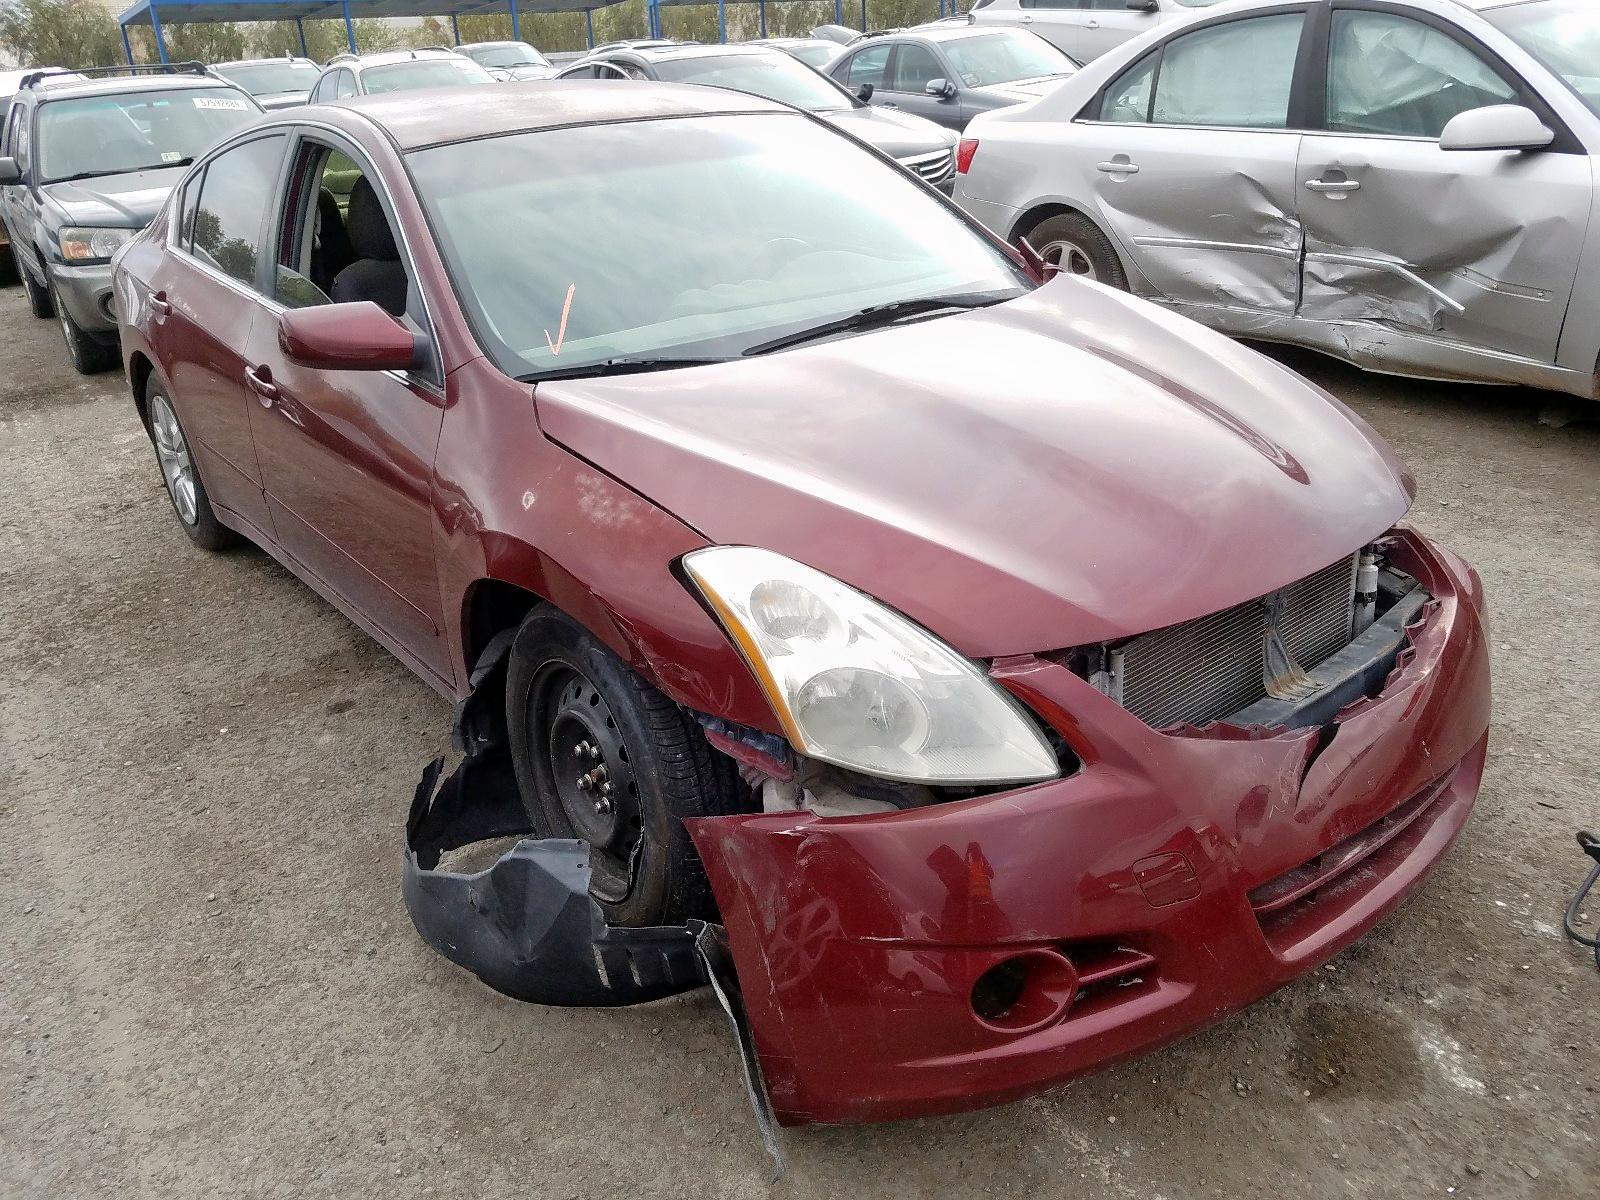 2010 Nissan Altima Bas 2.5L Left View